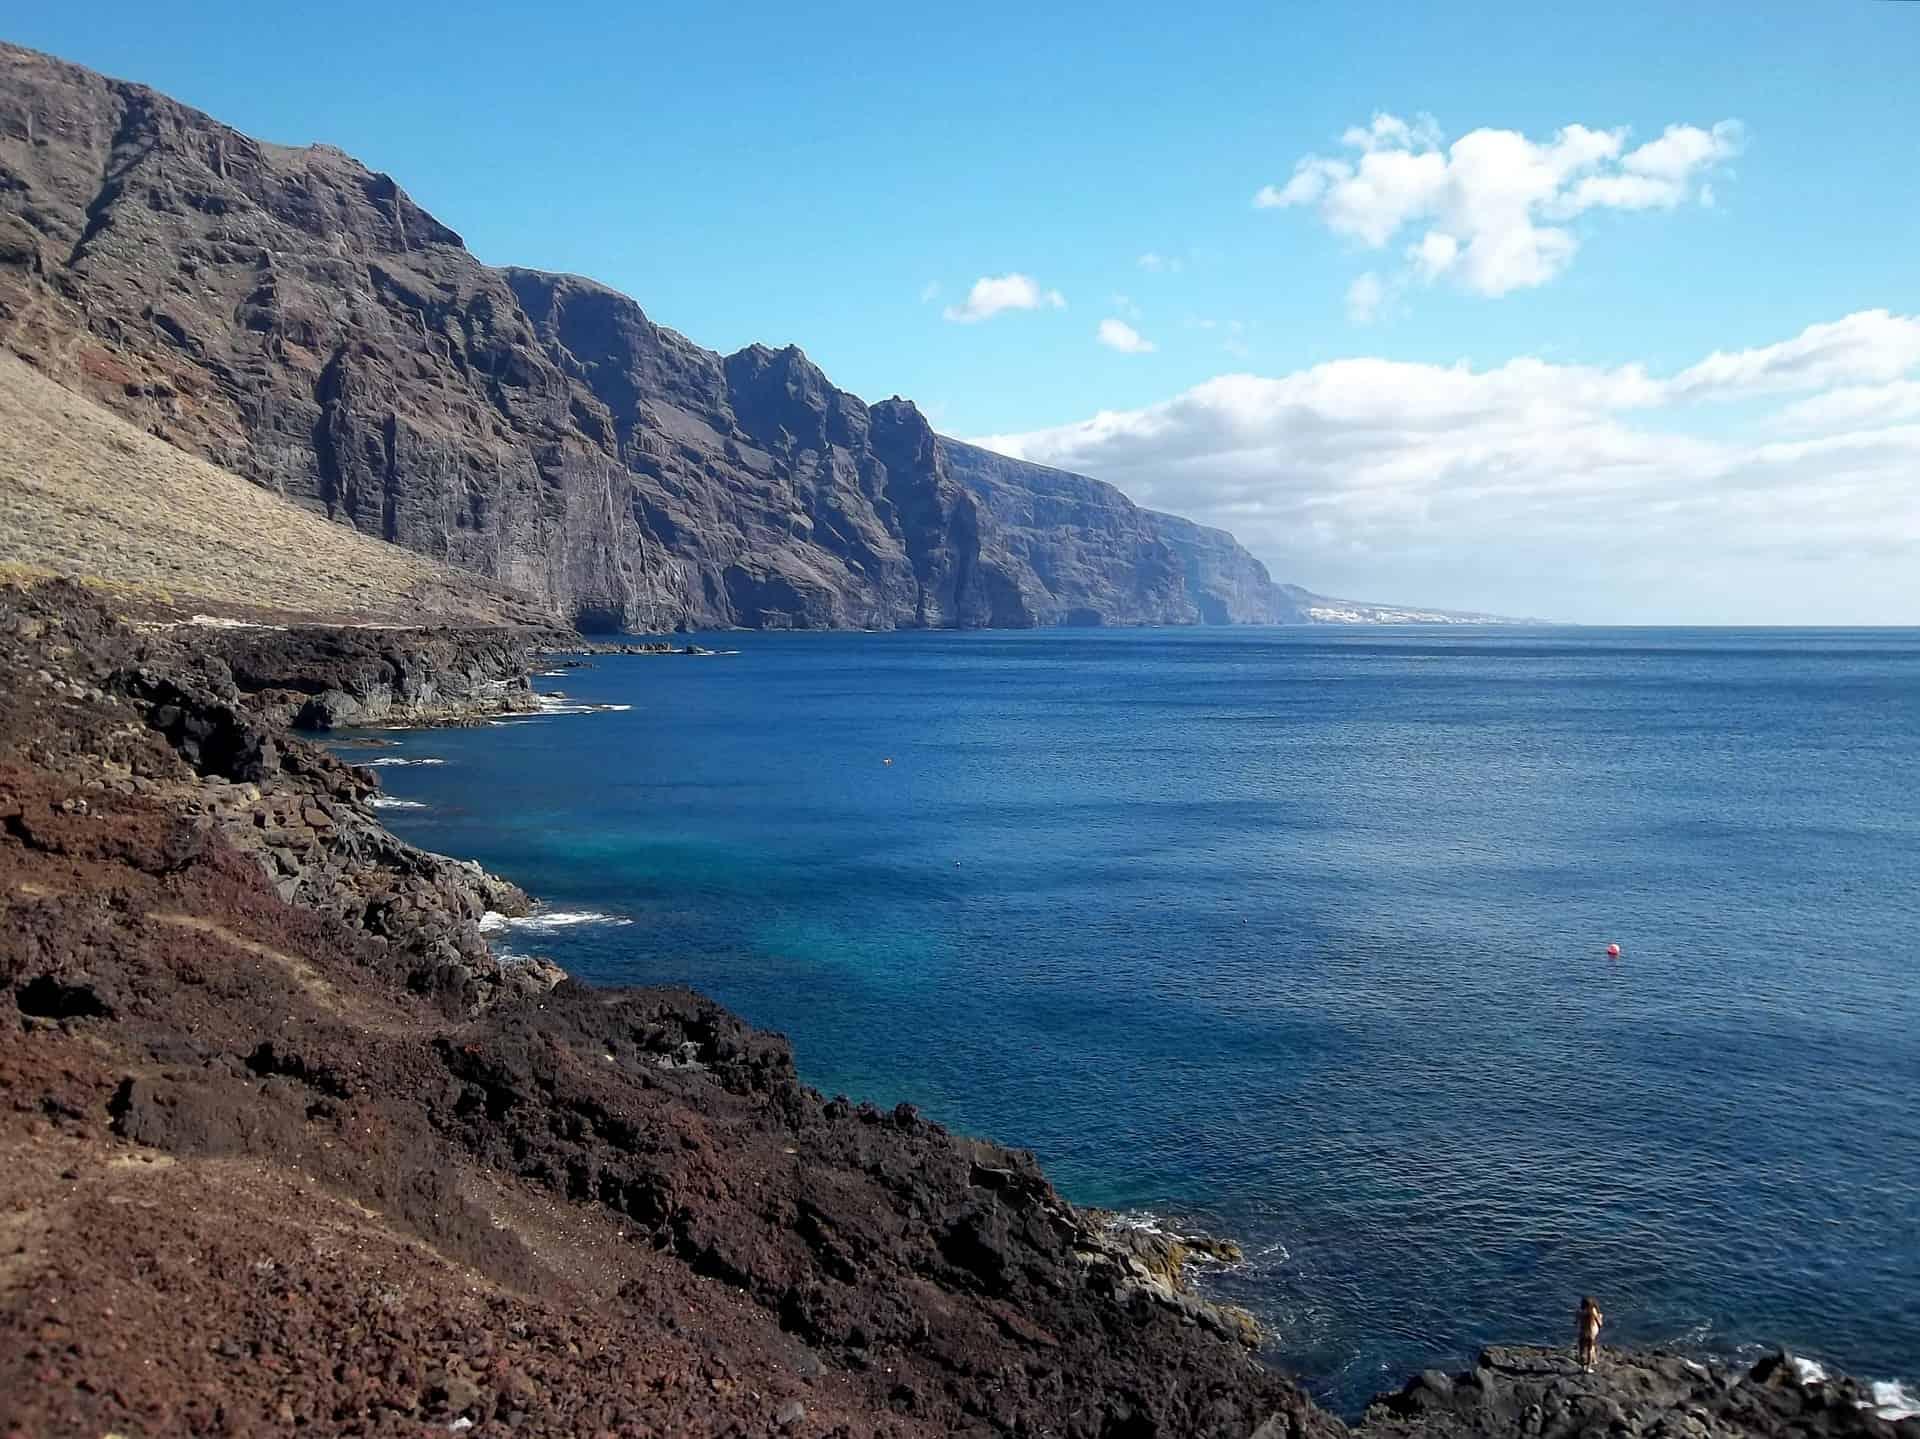 Die Steilküste bei Puerto de la Cruz ist wunderschön, perfekt zum wandern geeignet#